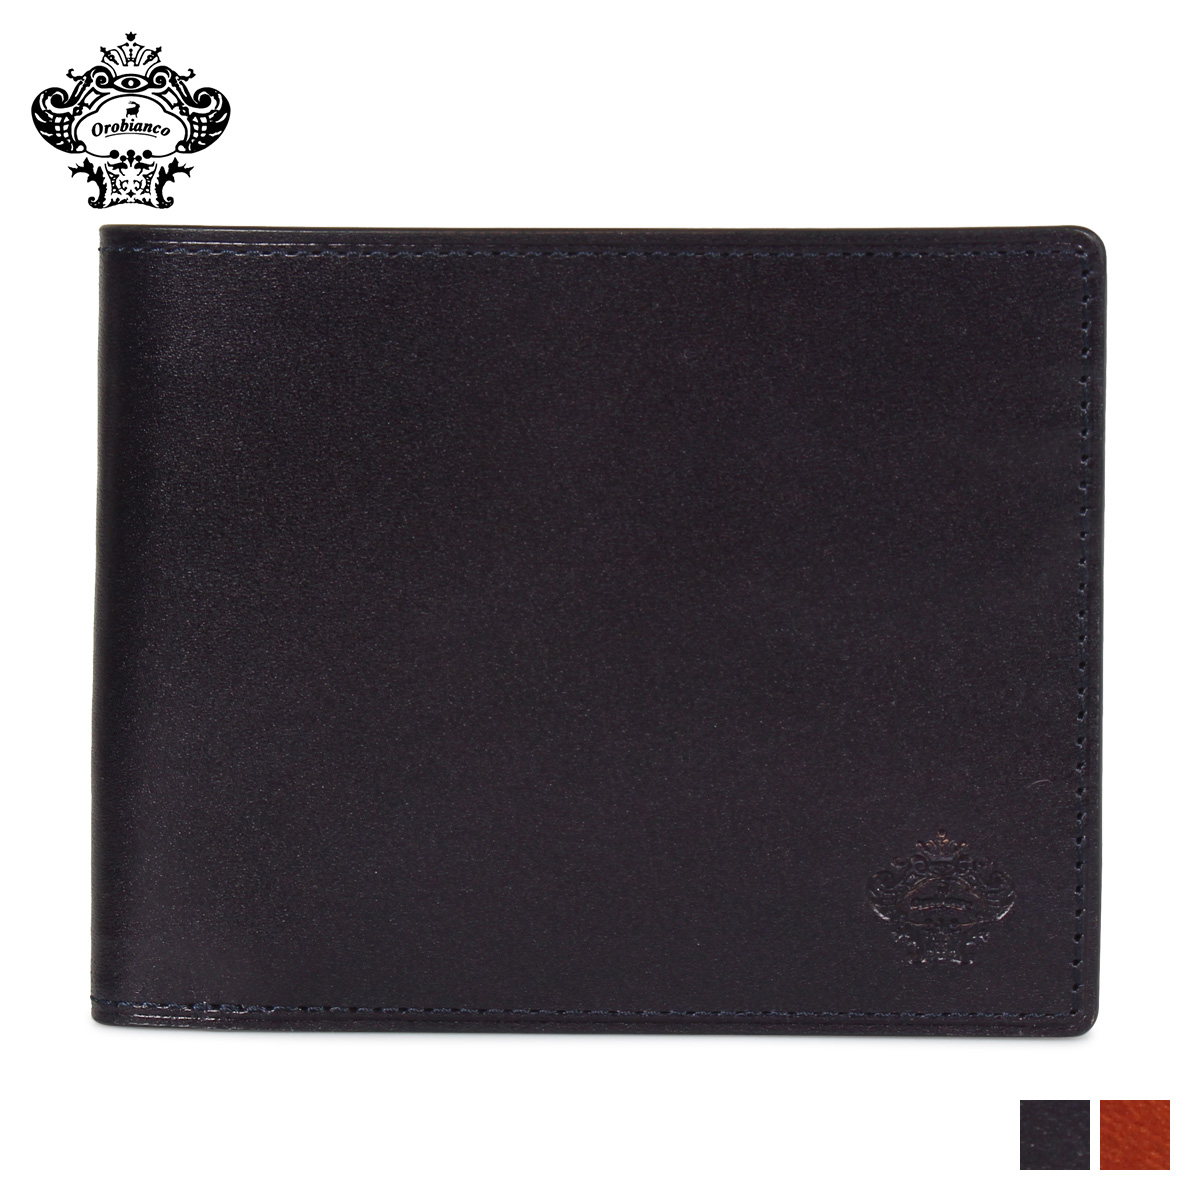 Orobianco BI-FOLD WALLET オロビアンコ 財布 二つ折り メンズ 本革 ブラック ブラウン 黒 ORS-012508 [10/12 新入荷]